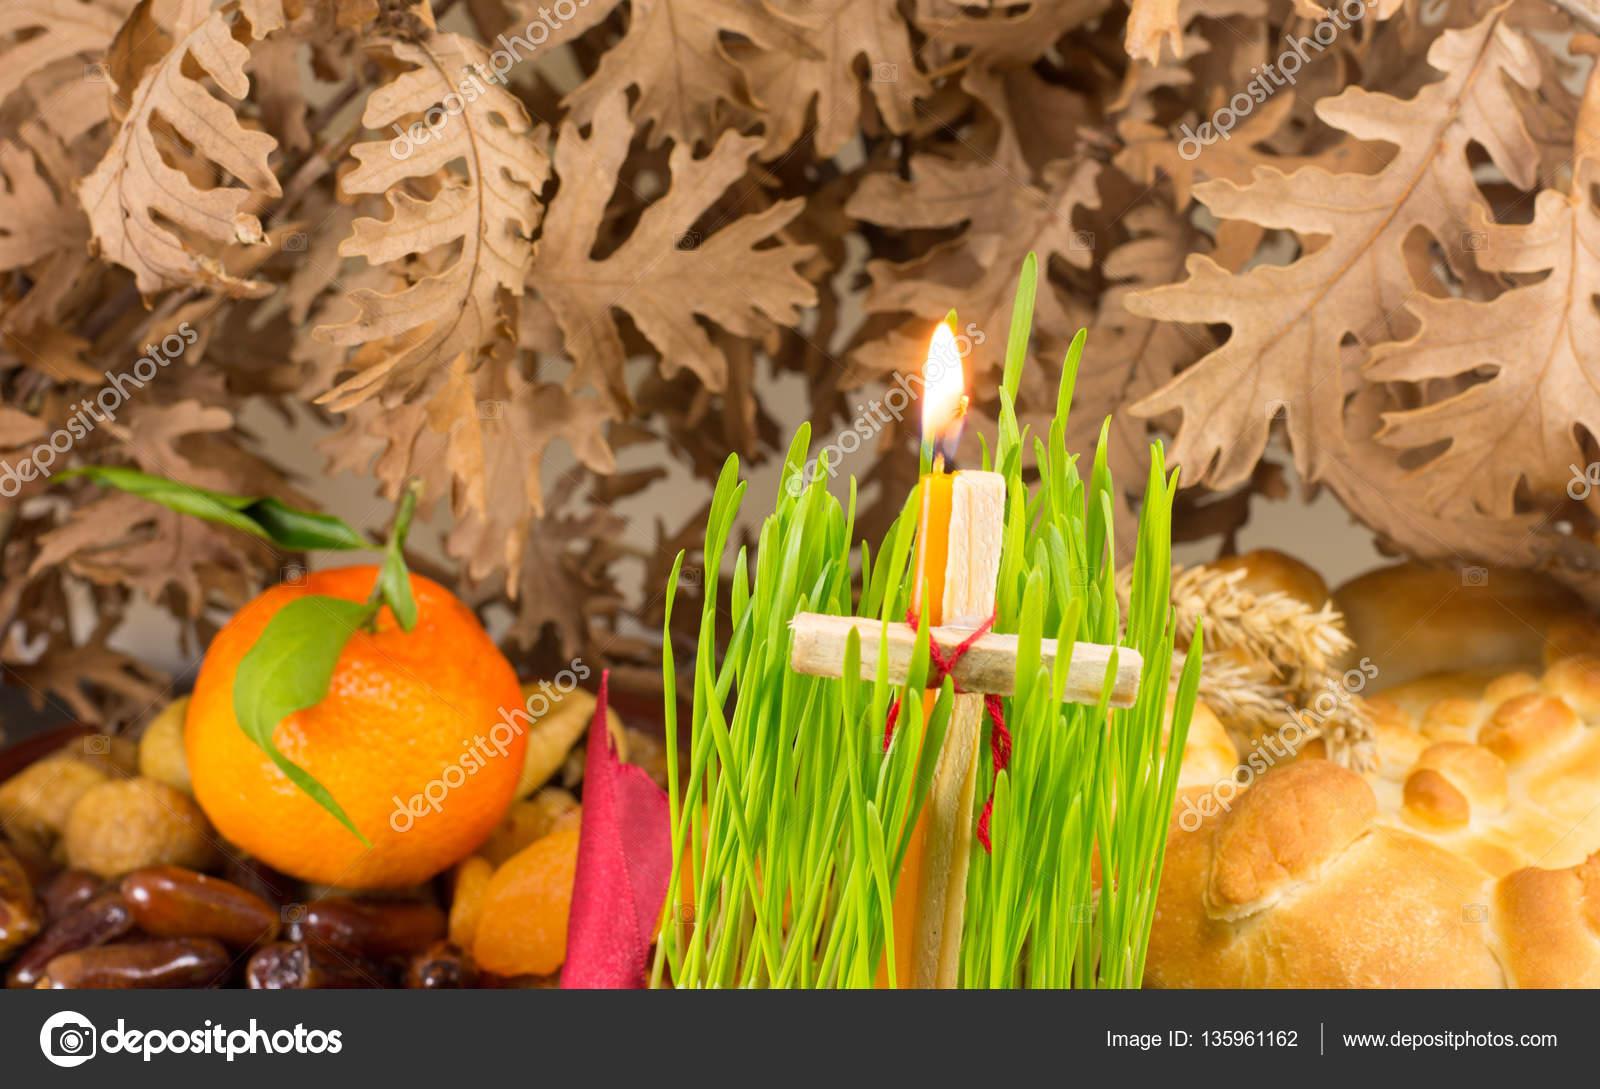 Orthodoxe Weihnachten.Orthodoxe Weihnachten Angebote Mit Wachsender Weizen